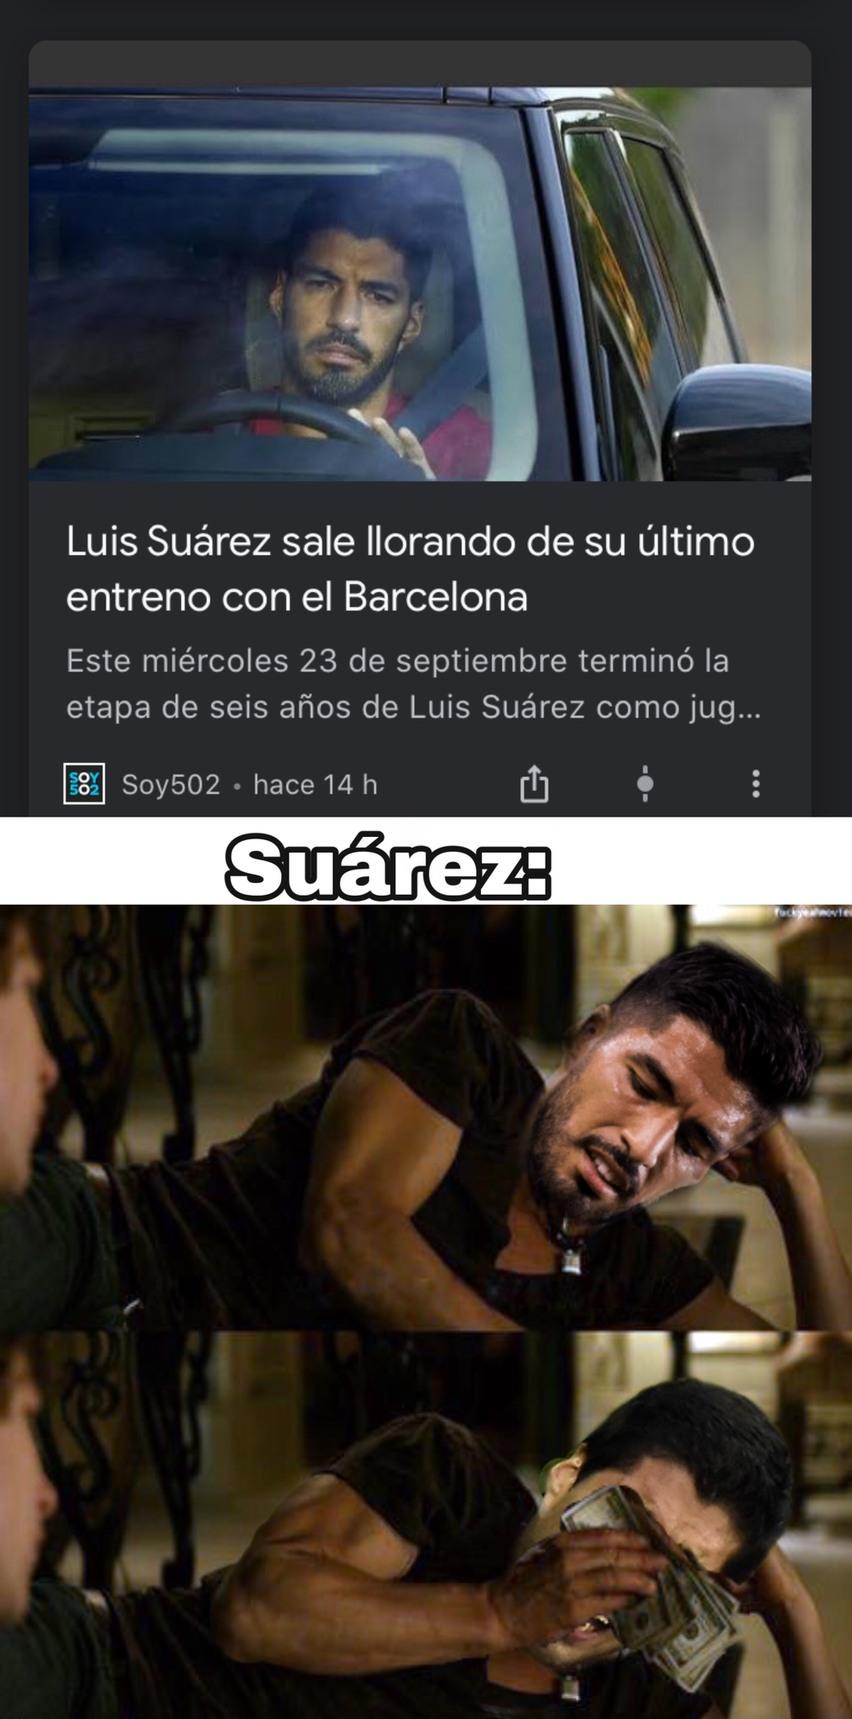 ¿Alguien vió el video de Suárez mordelón? jaja - meme